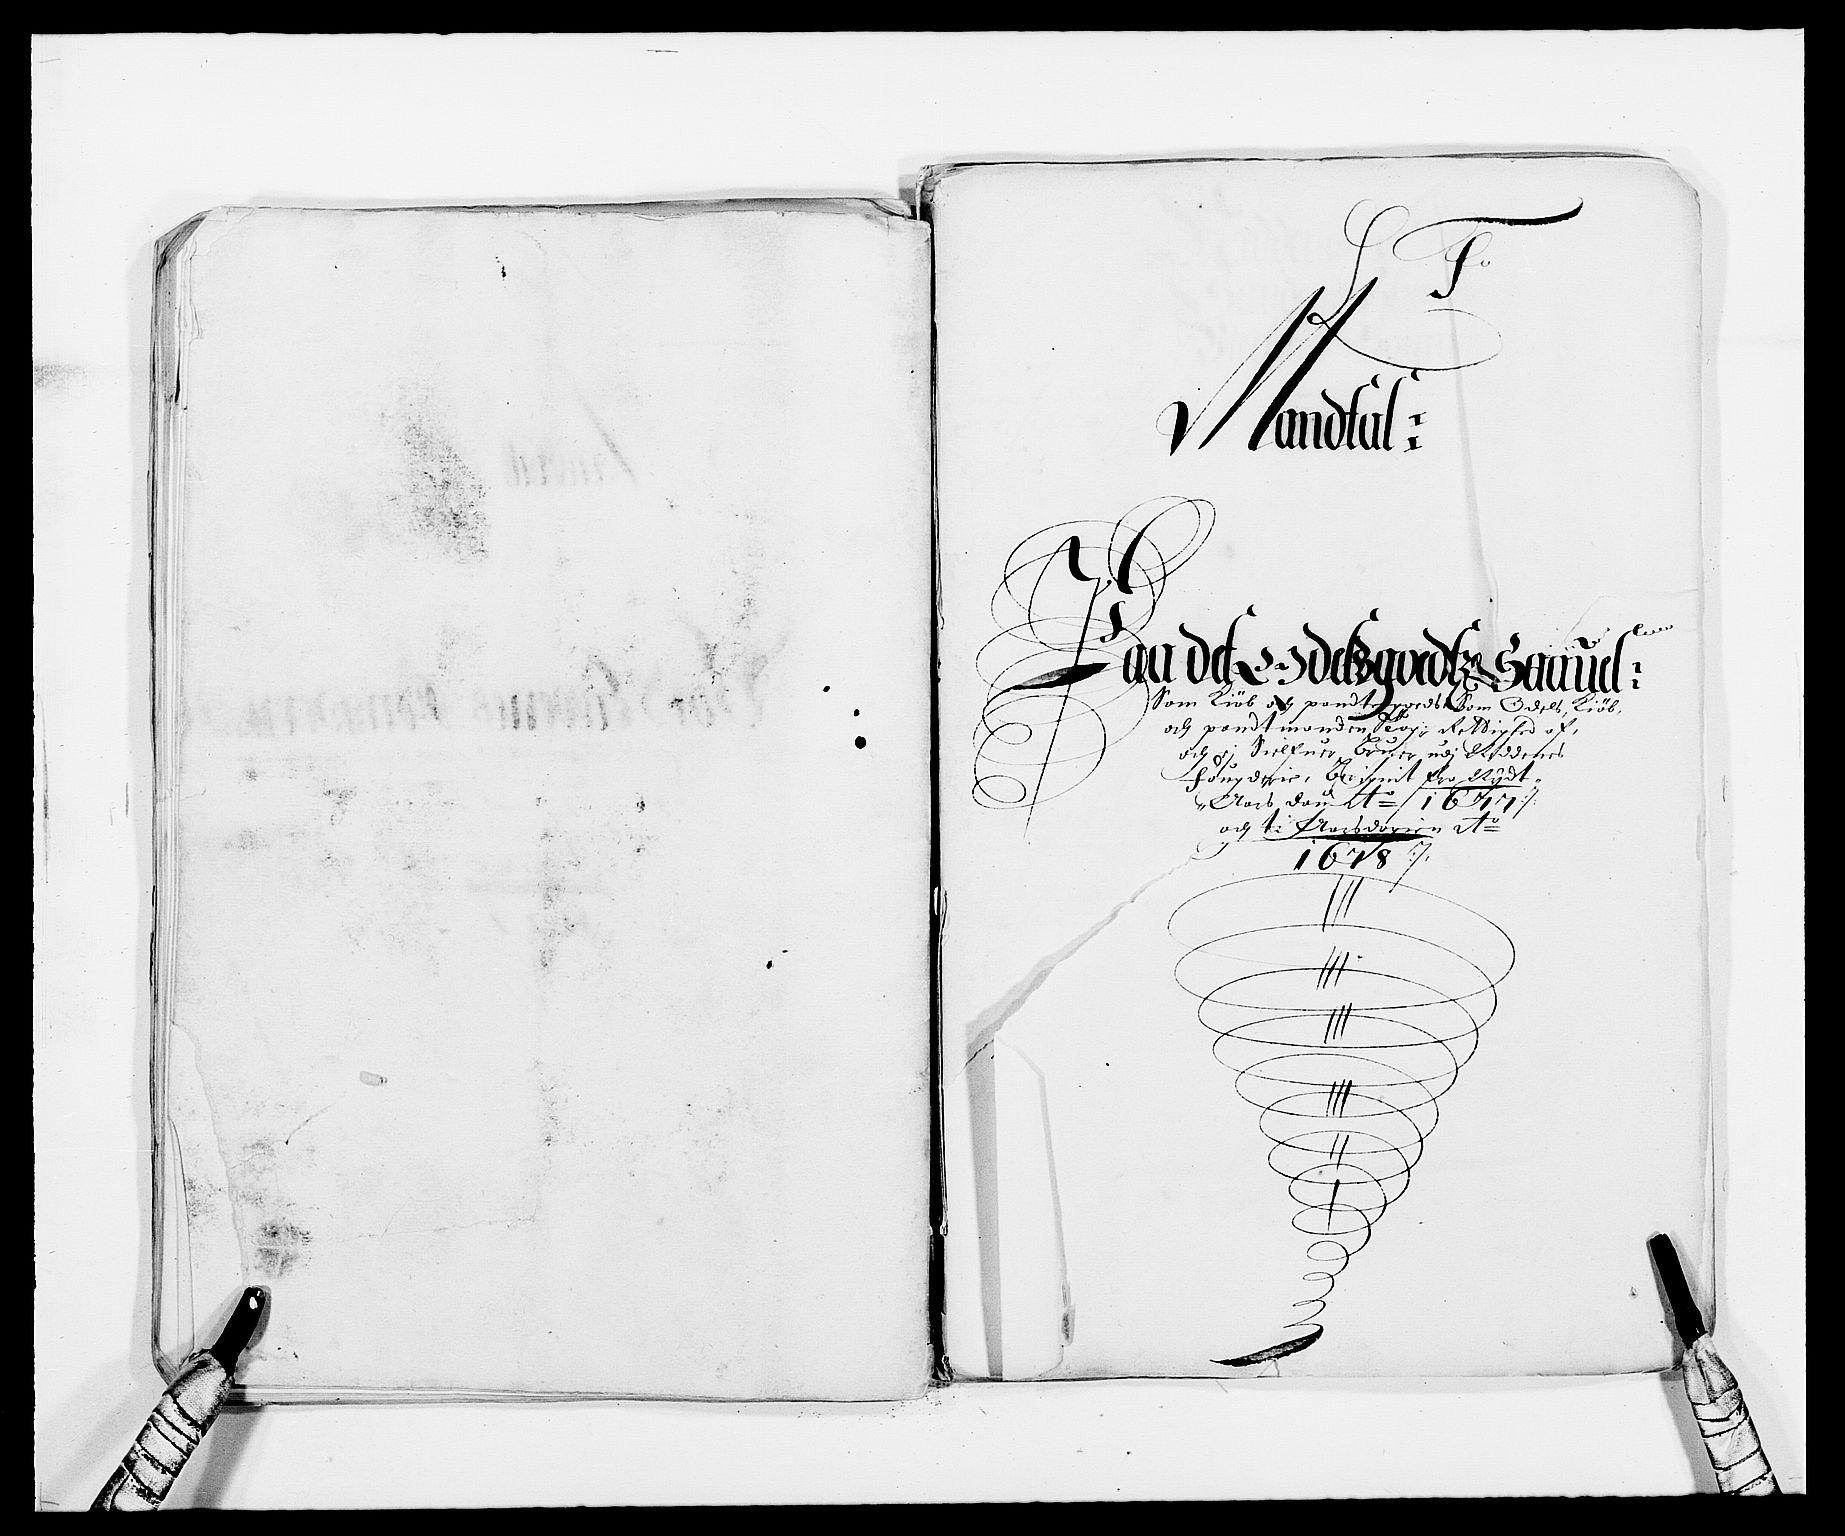 RA, Rentekammeret inntil 1814, Reviderte regnskaper, Fogderegnskap, R39/L2302: Fogderegnskap Nedenes, 1677-1678, s. 130